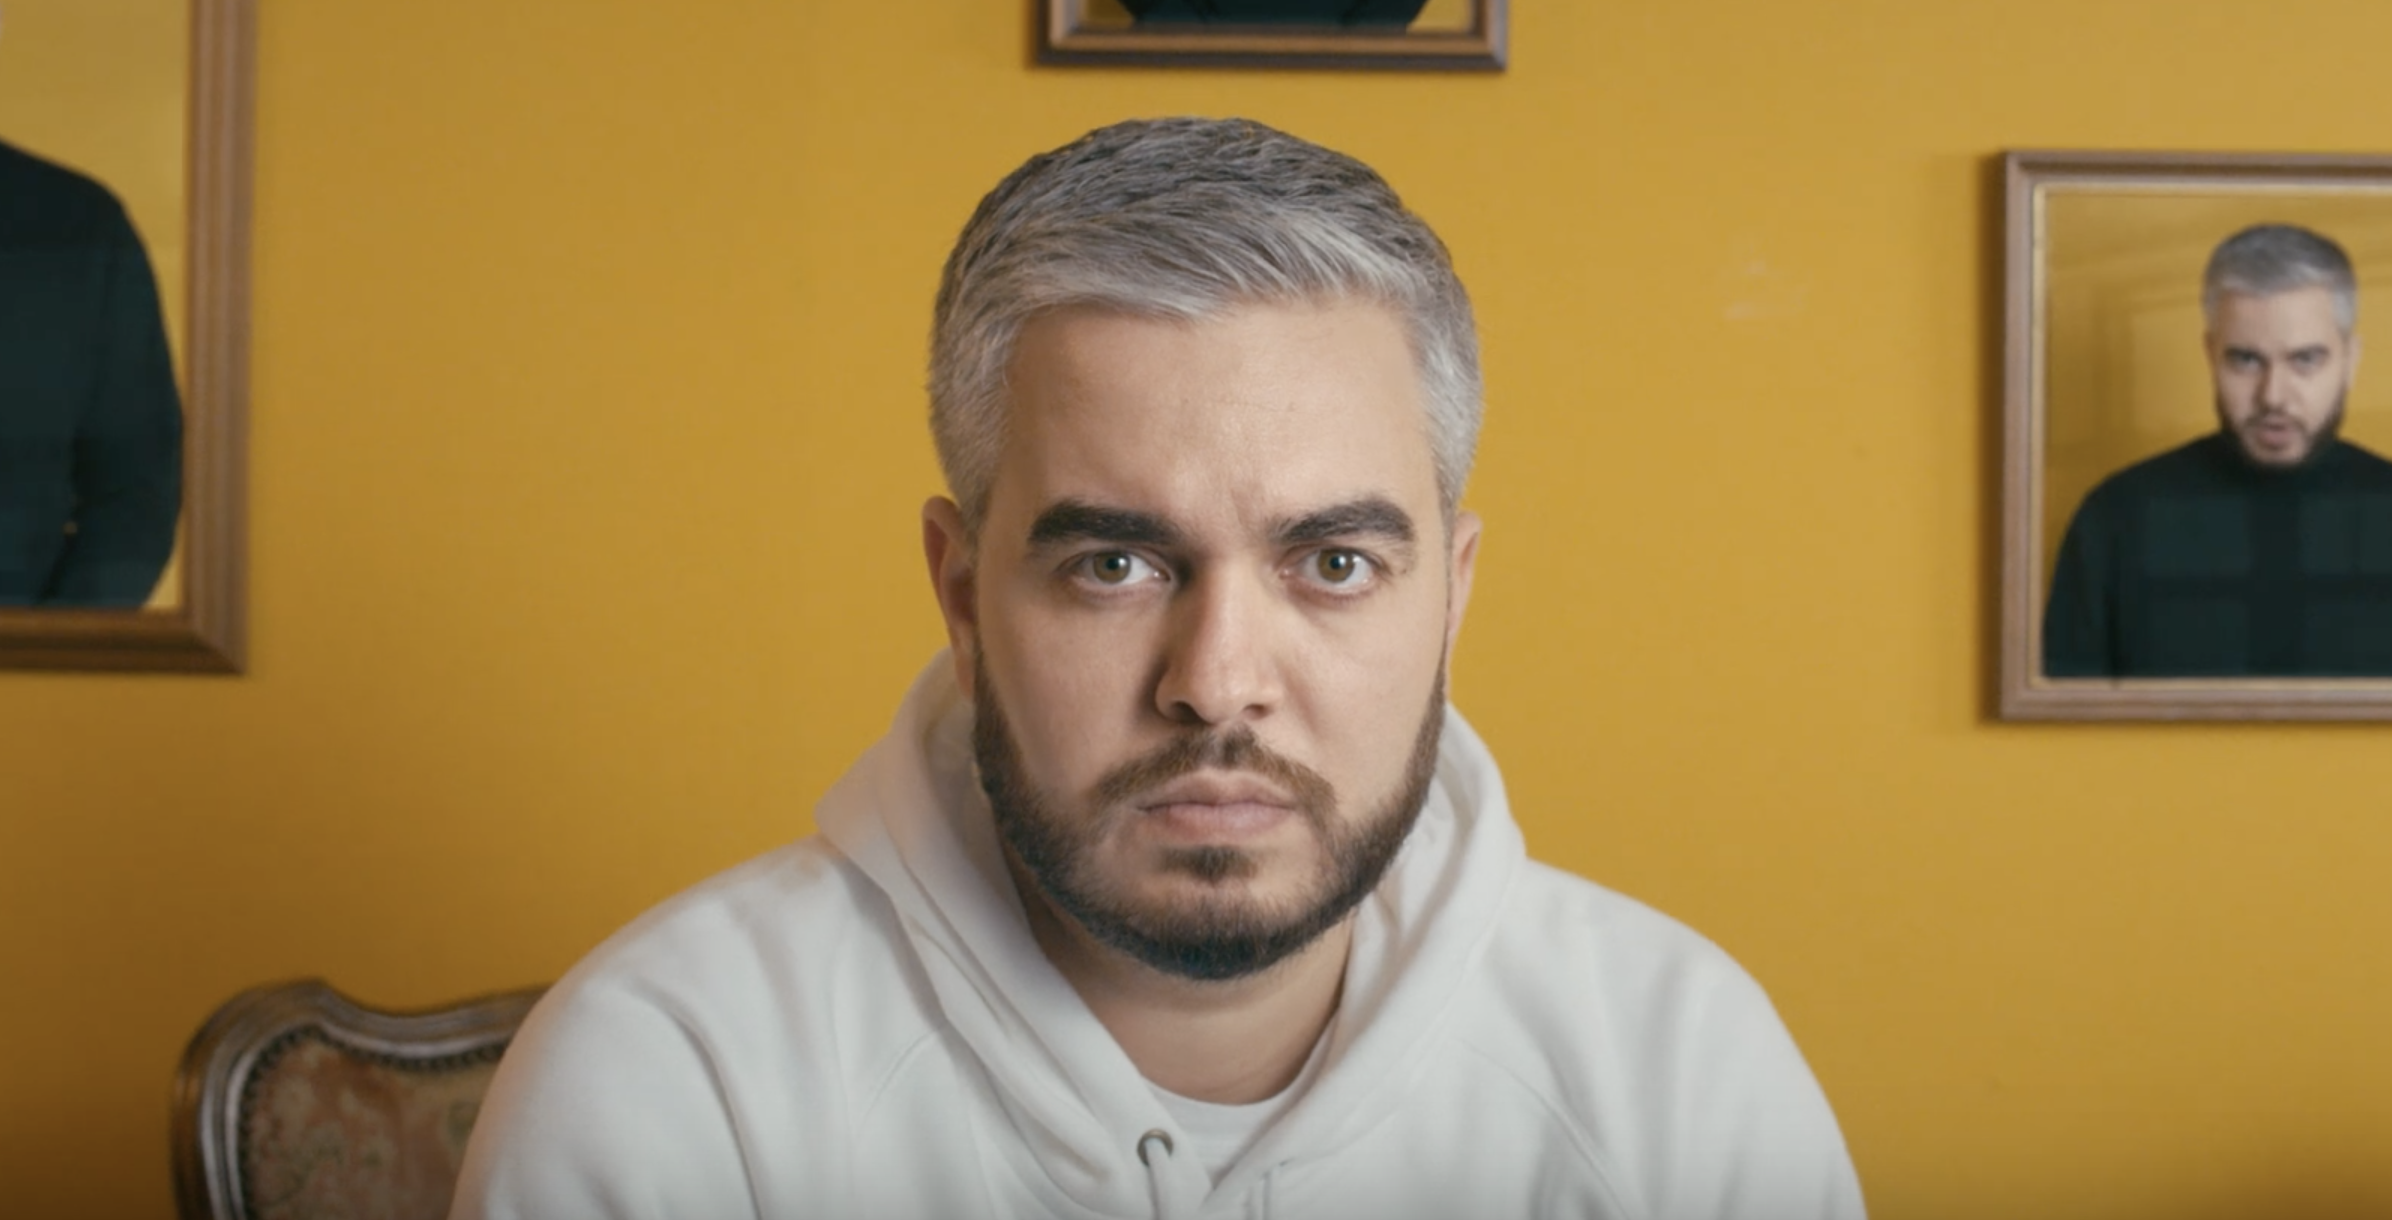 Haare Grau